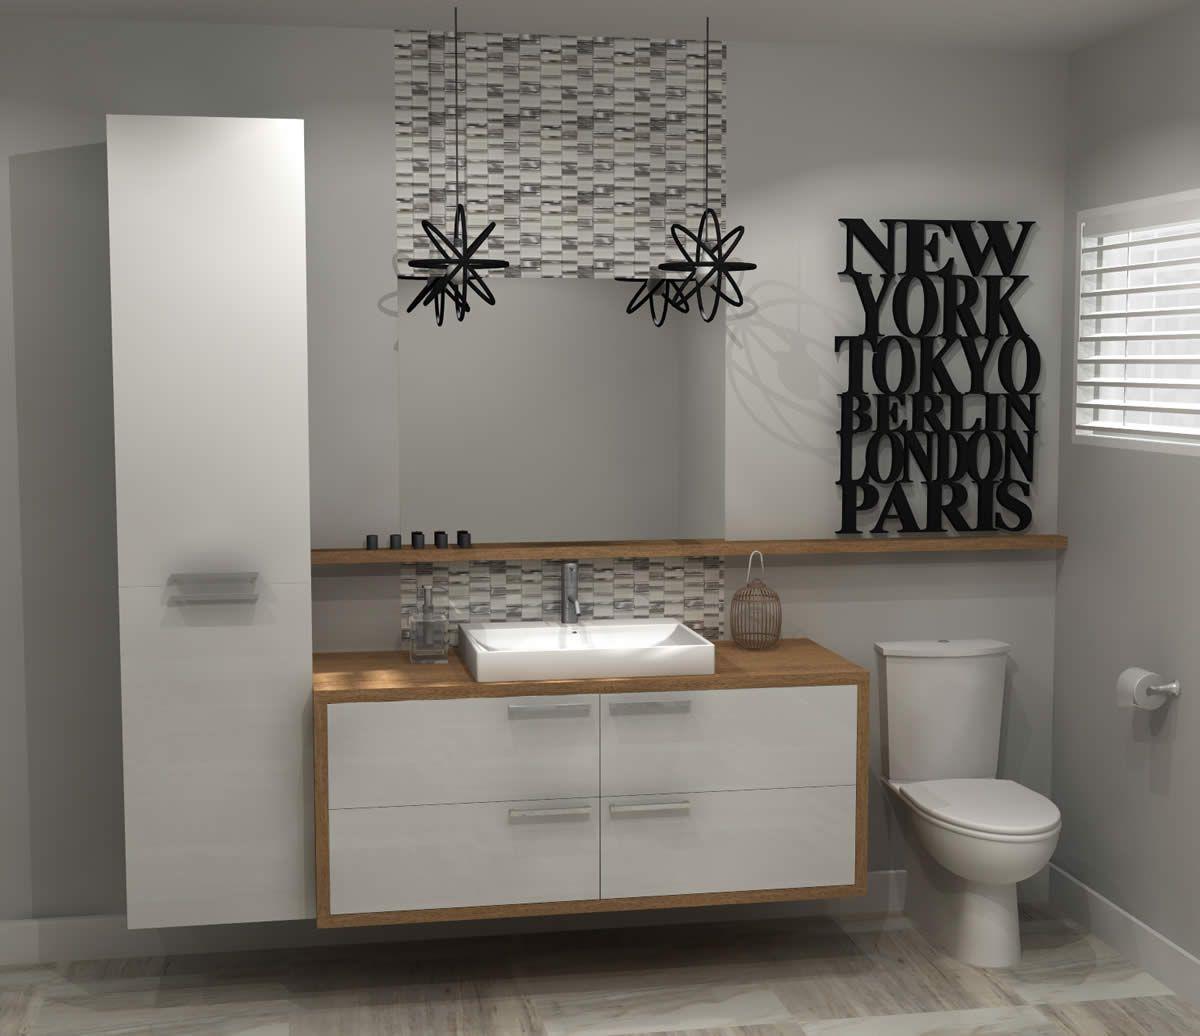 notre portfolio vous montre des dizaines de mod u00e8les de cuisine et salle de bain  de quoi vous